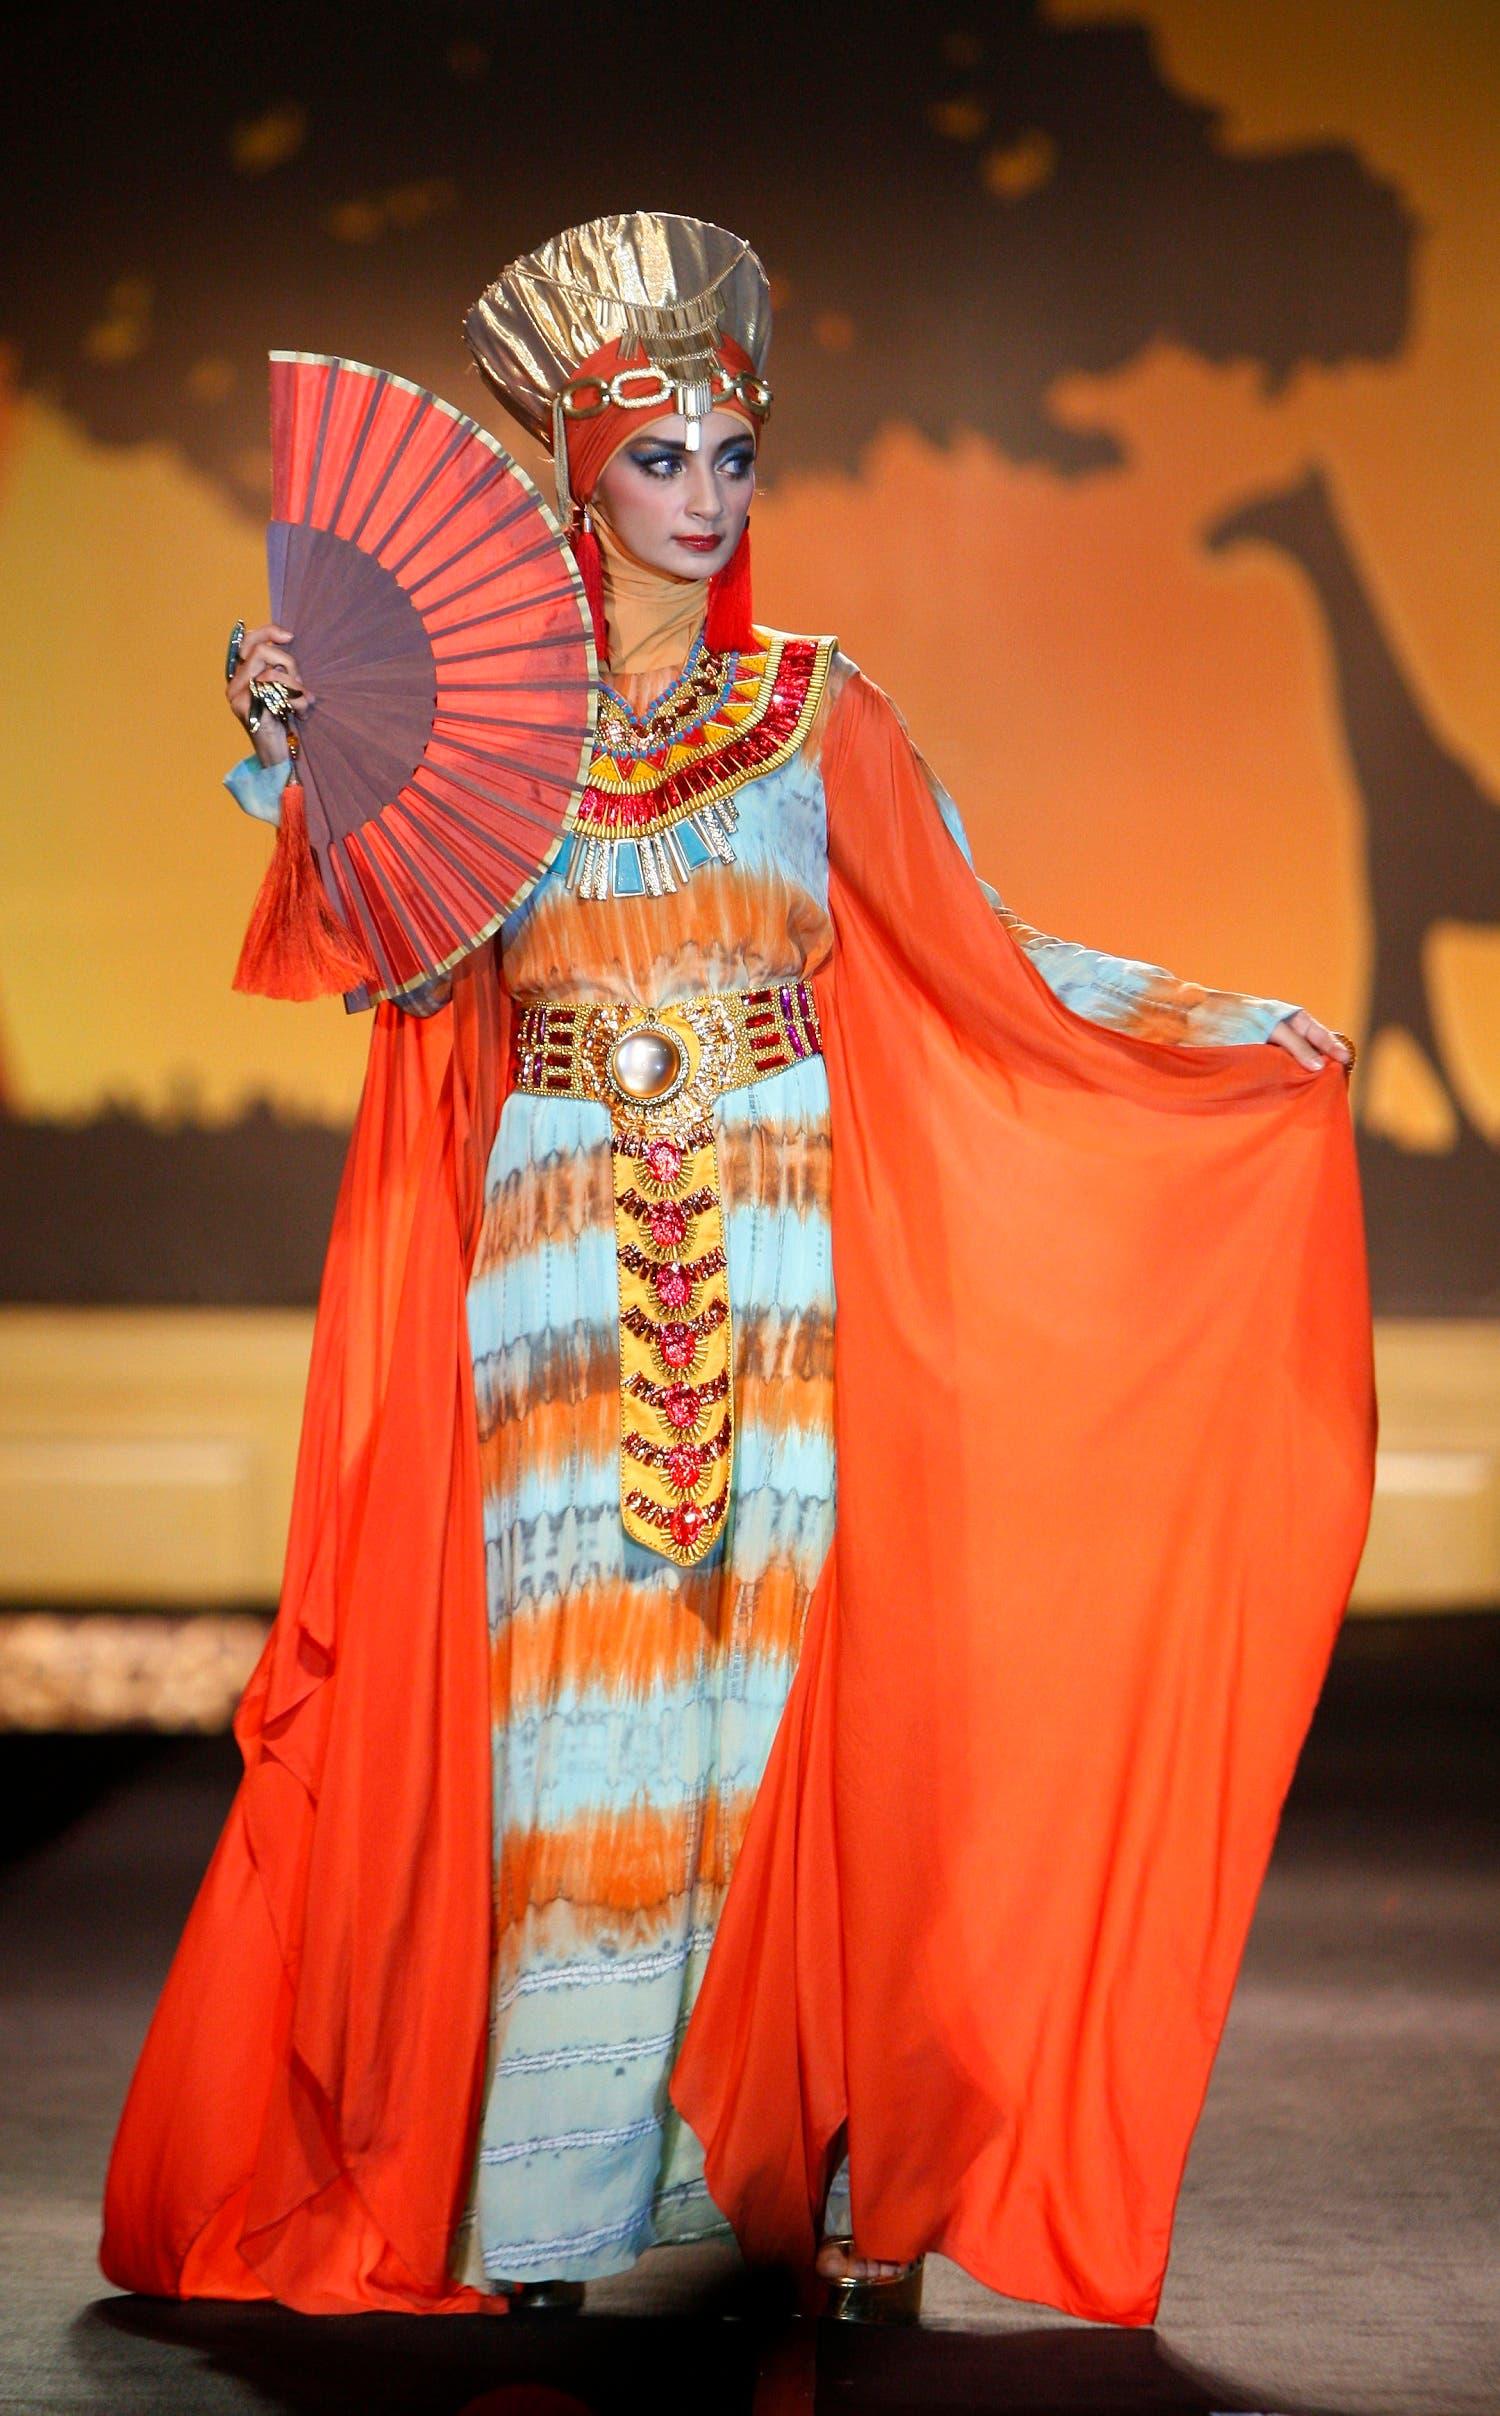 Oriental charm islamic fashion festival in kuala lumpur Agfa ACCUSET 1000 PLUS Image Setter from A-1, Used Agfa